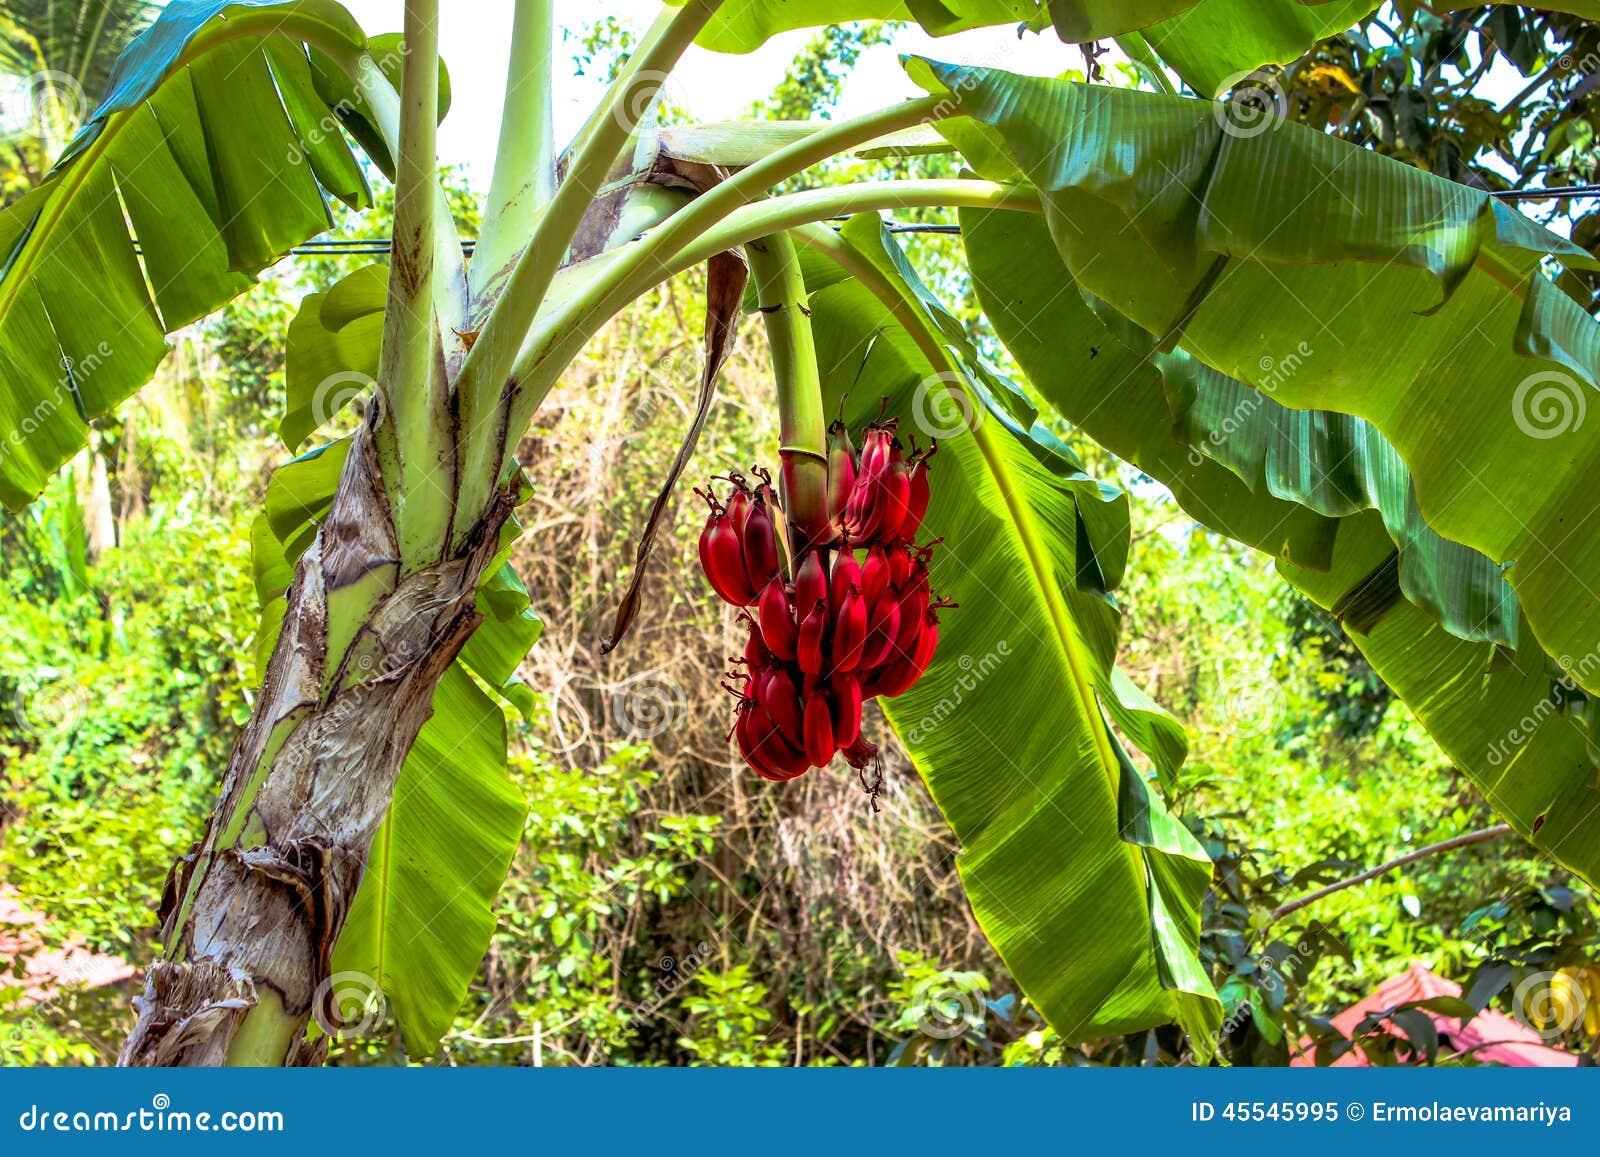 bananier avec un groupe de bananes rouges image stock - image du